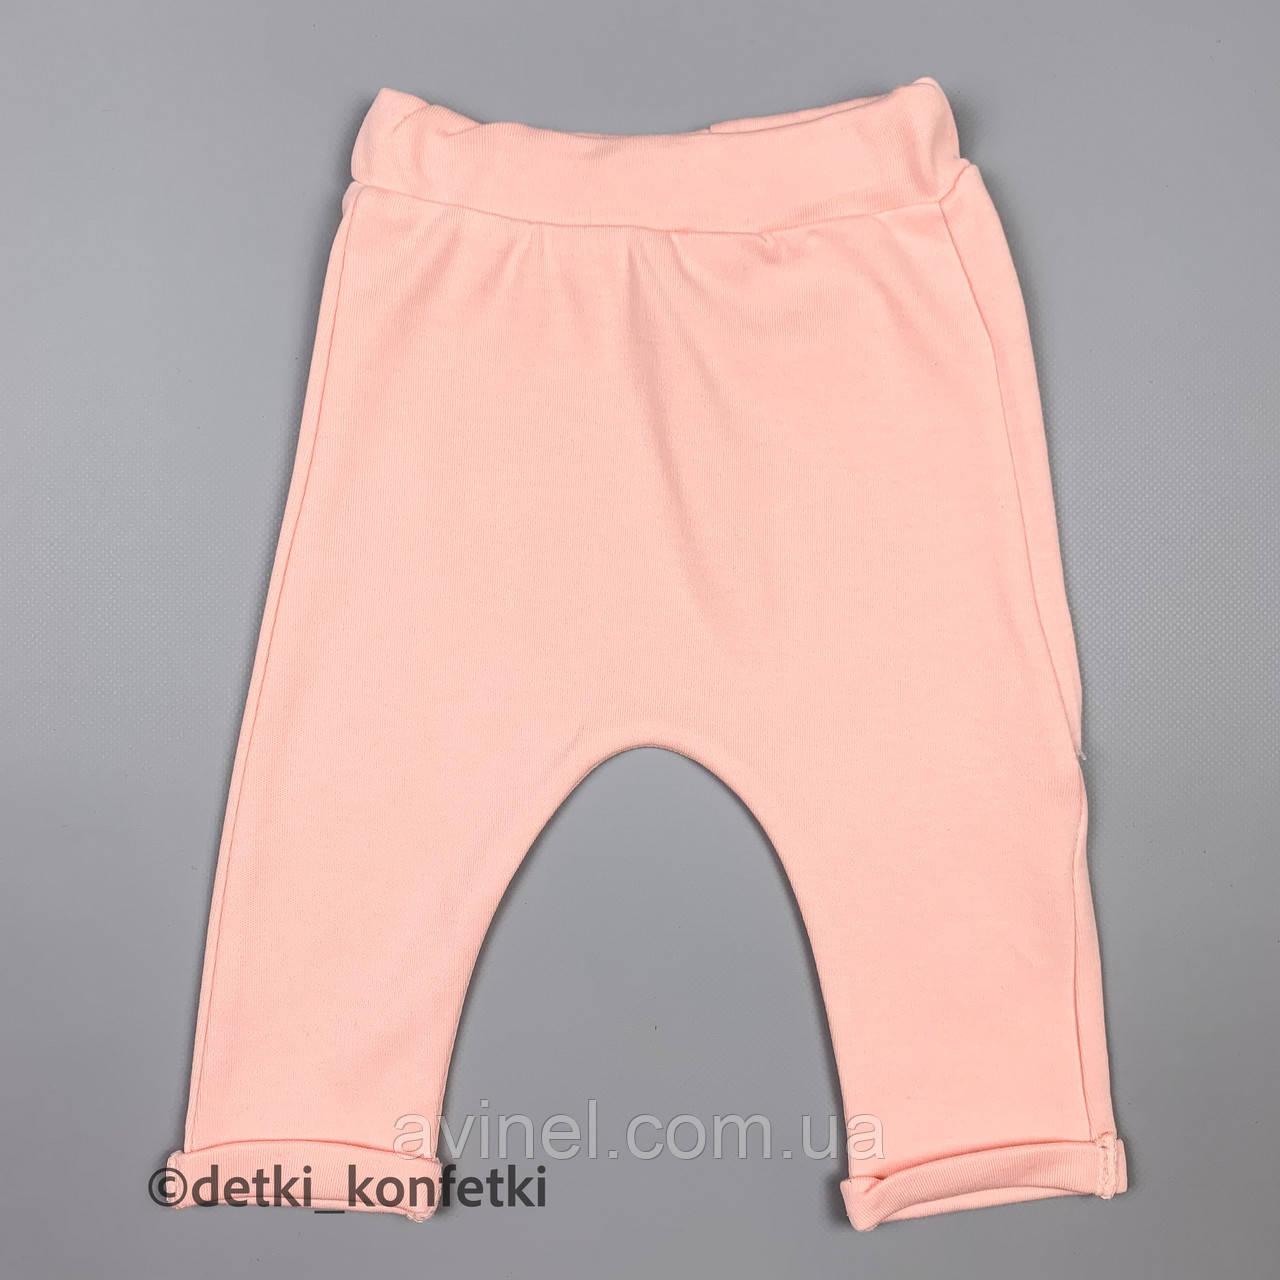 Штани з відворотом дів. Світло-рожевий 0435 Tongs Туреччина 68(р)